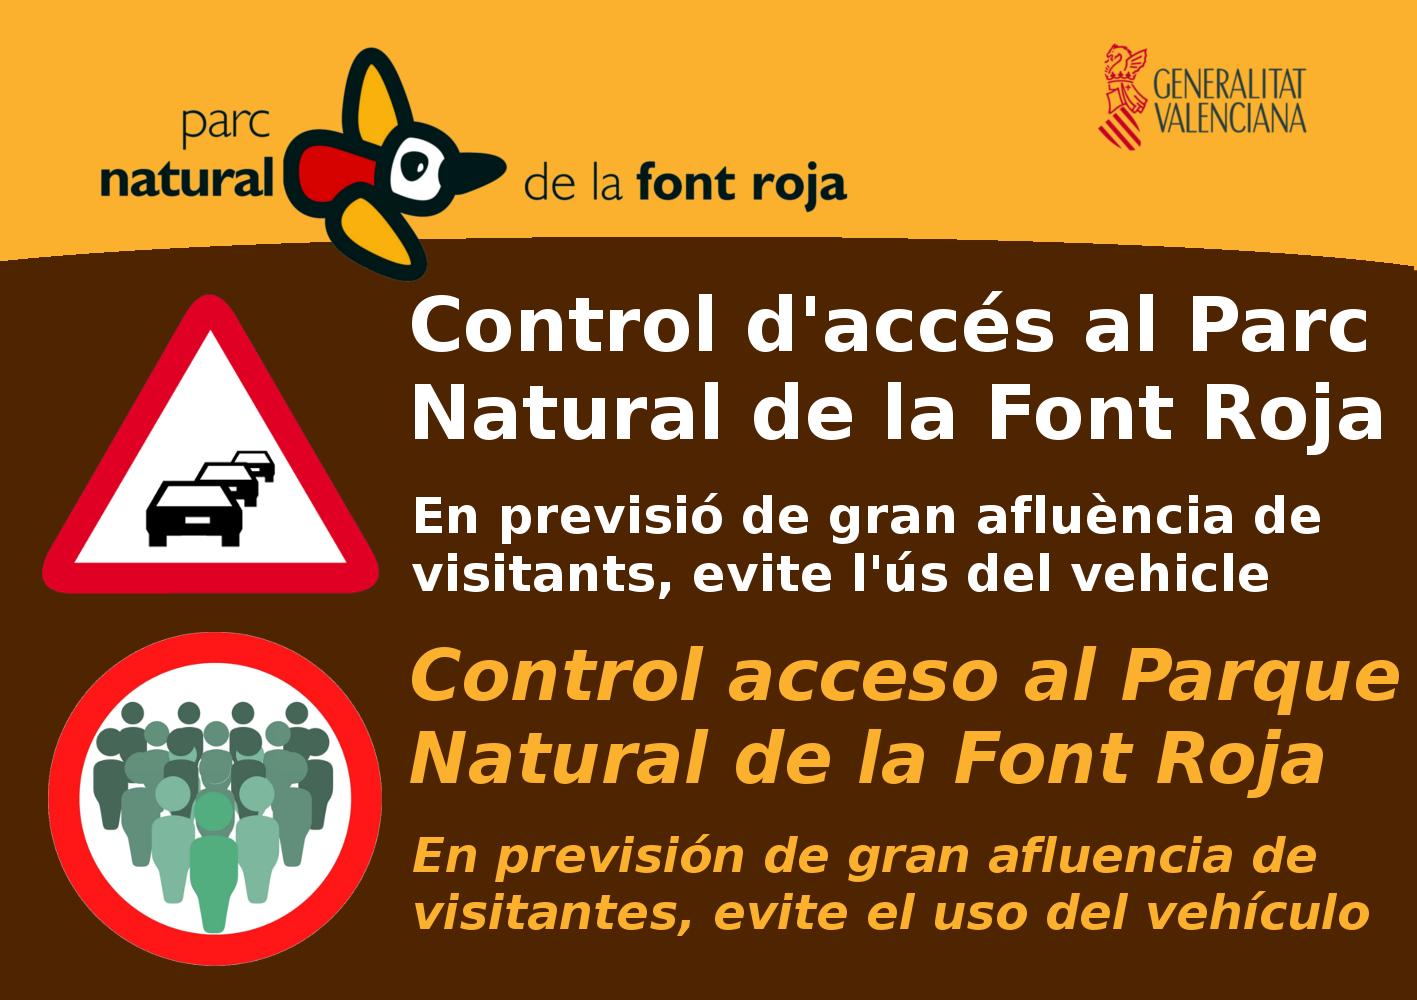 Foto Recomendación de acceso al Parque Natural de La Font Roja